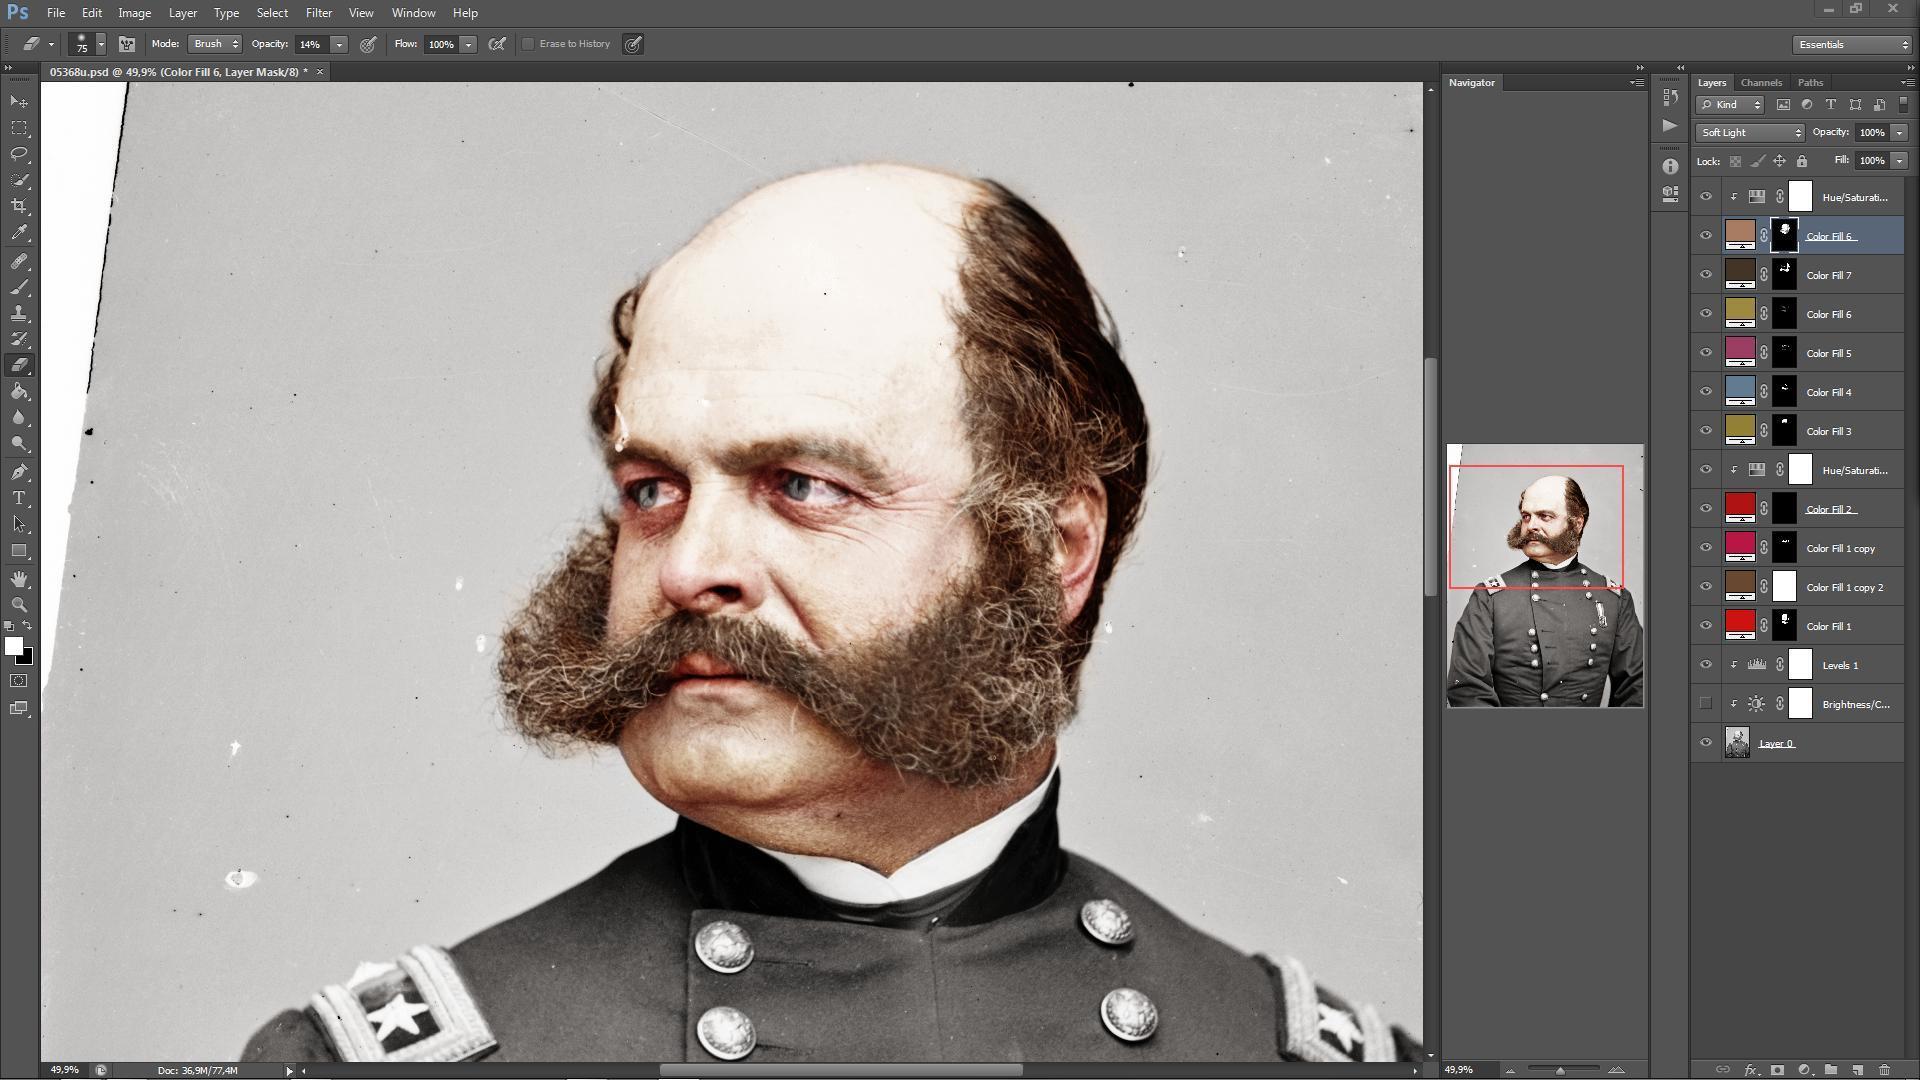 Tutorial de colorização de imagens em preto e branco